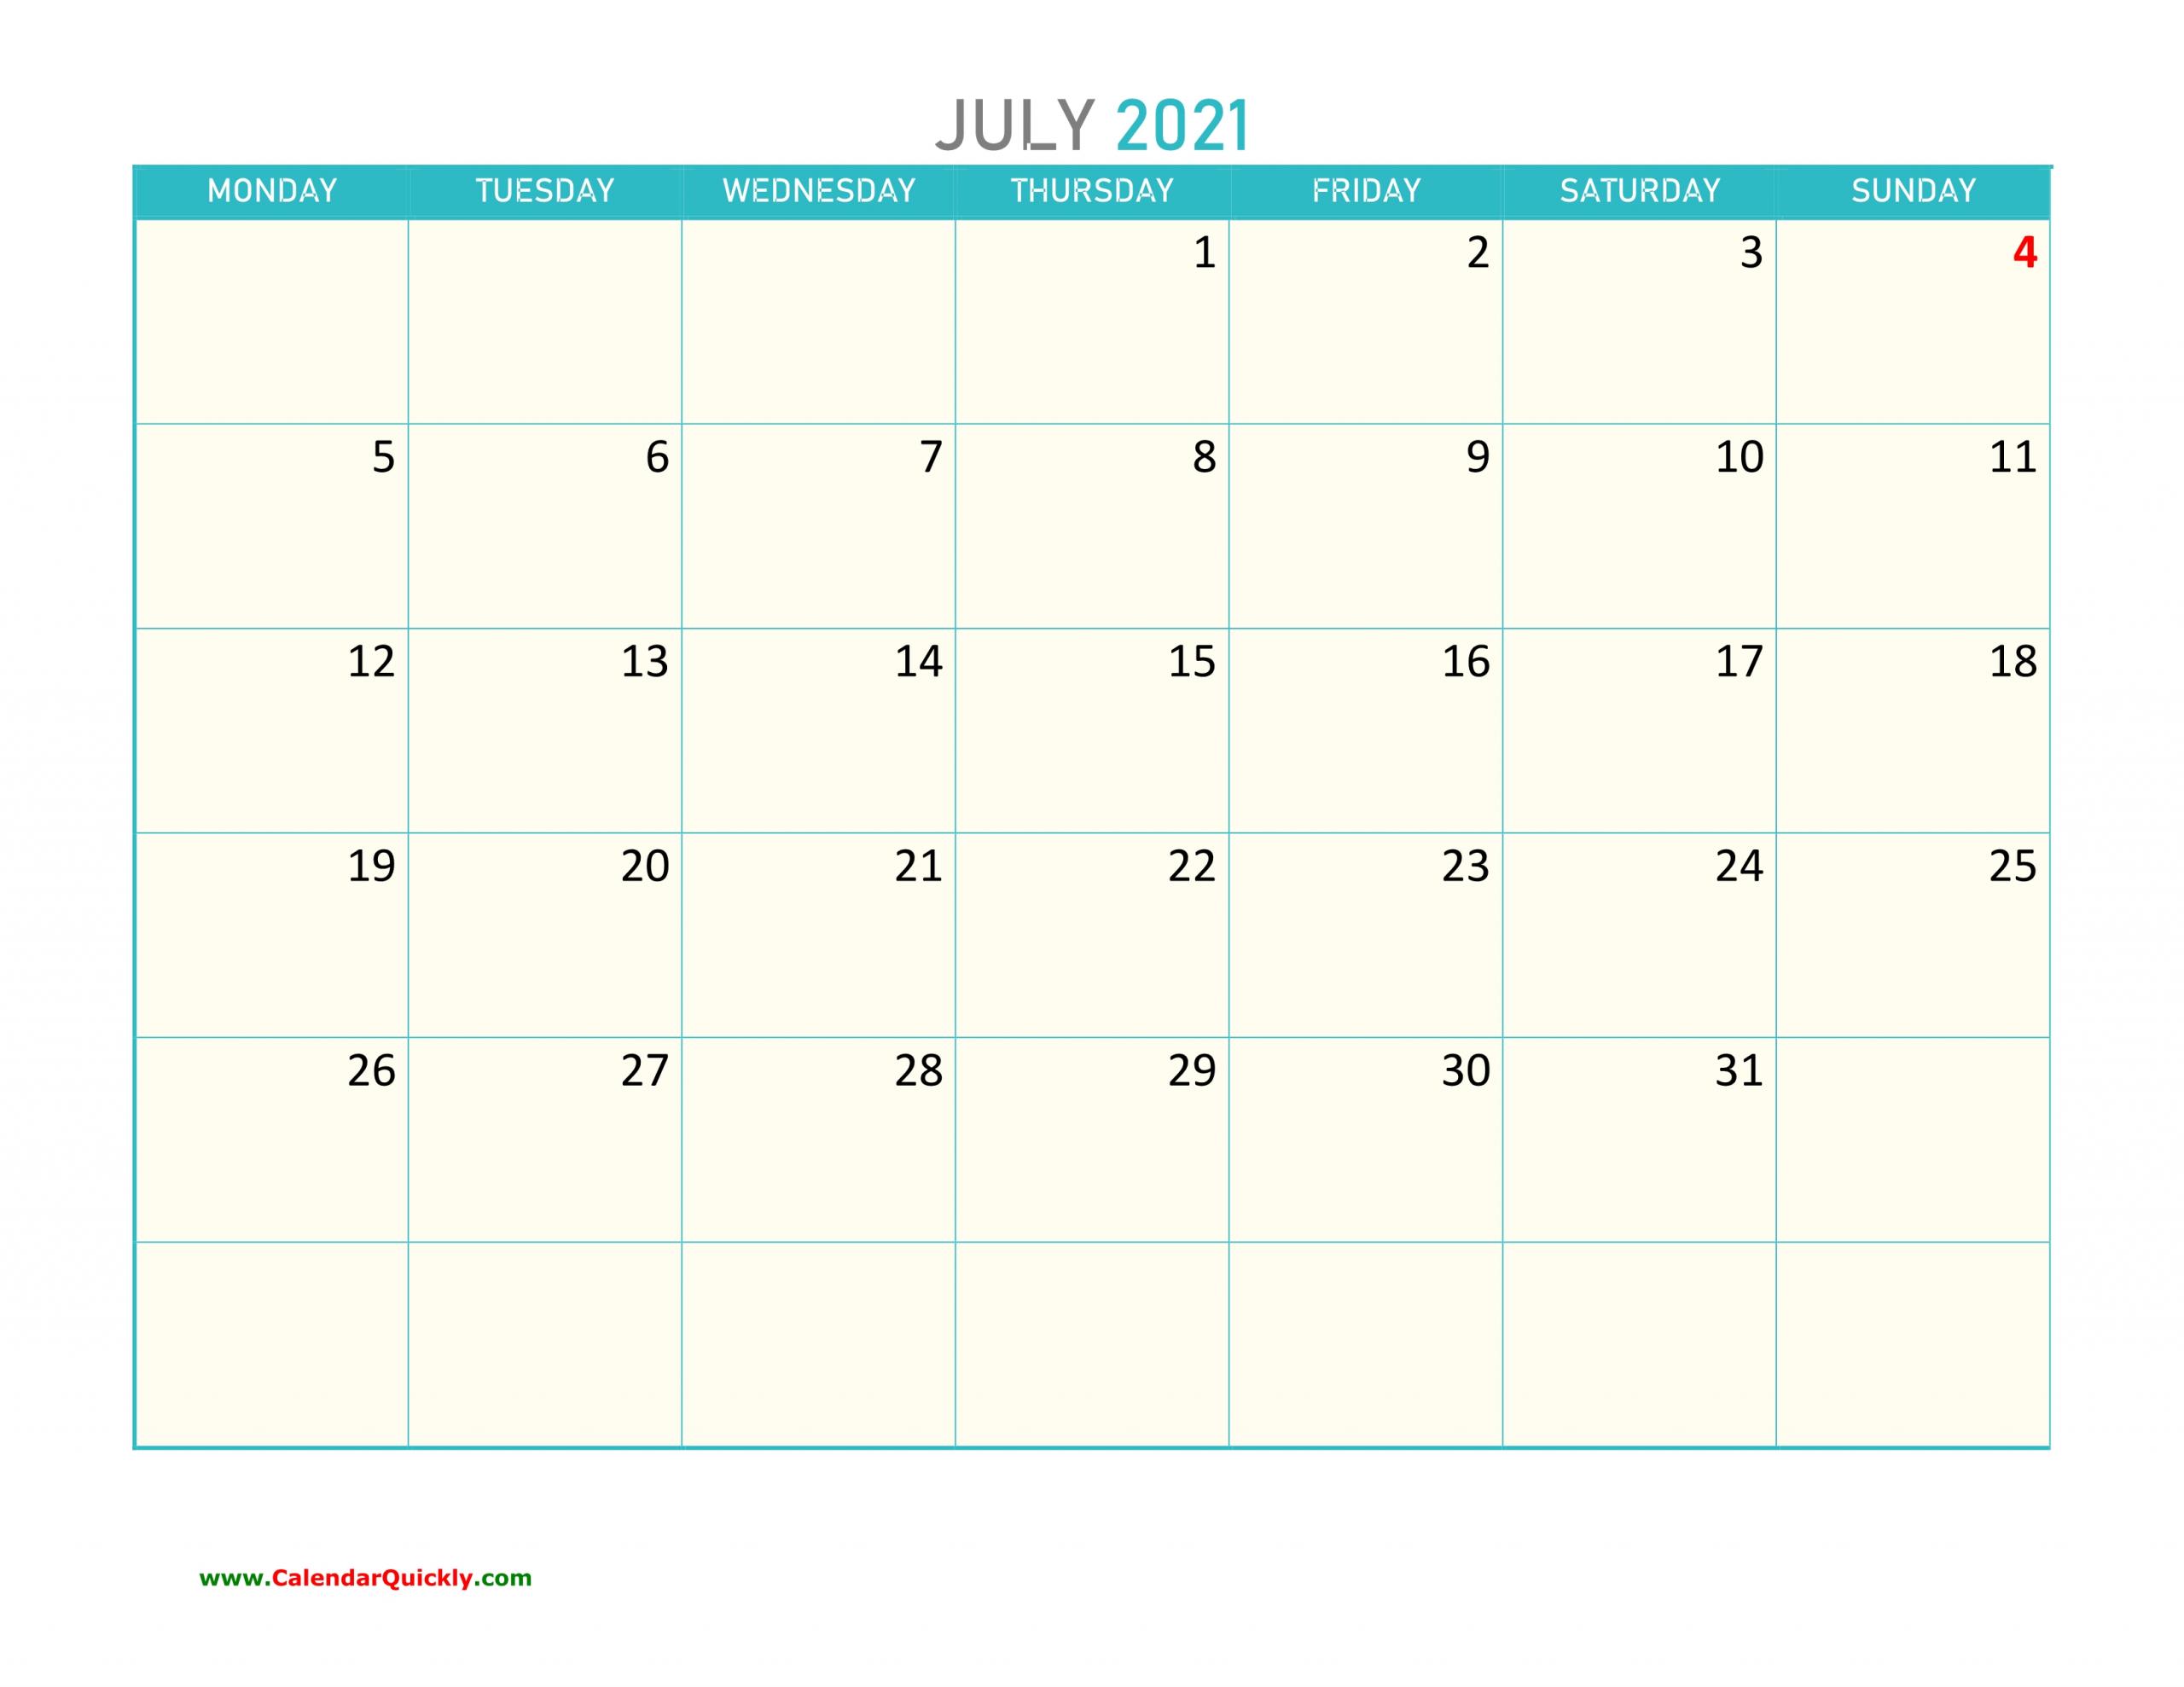 July Monday 2021 Calendar Printable | Calendar Quickly